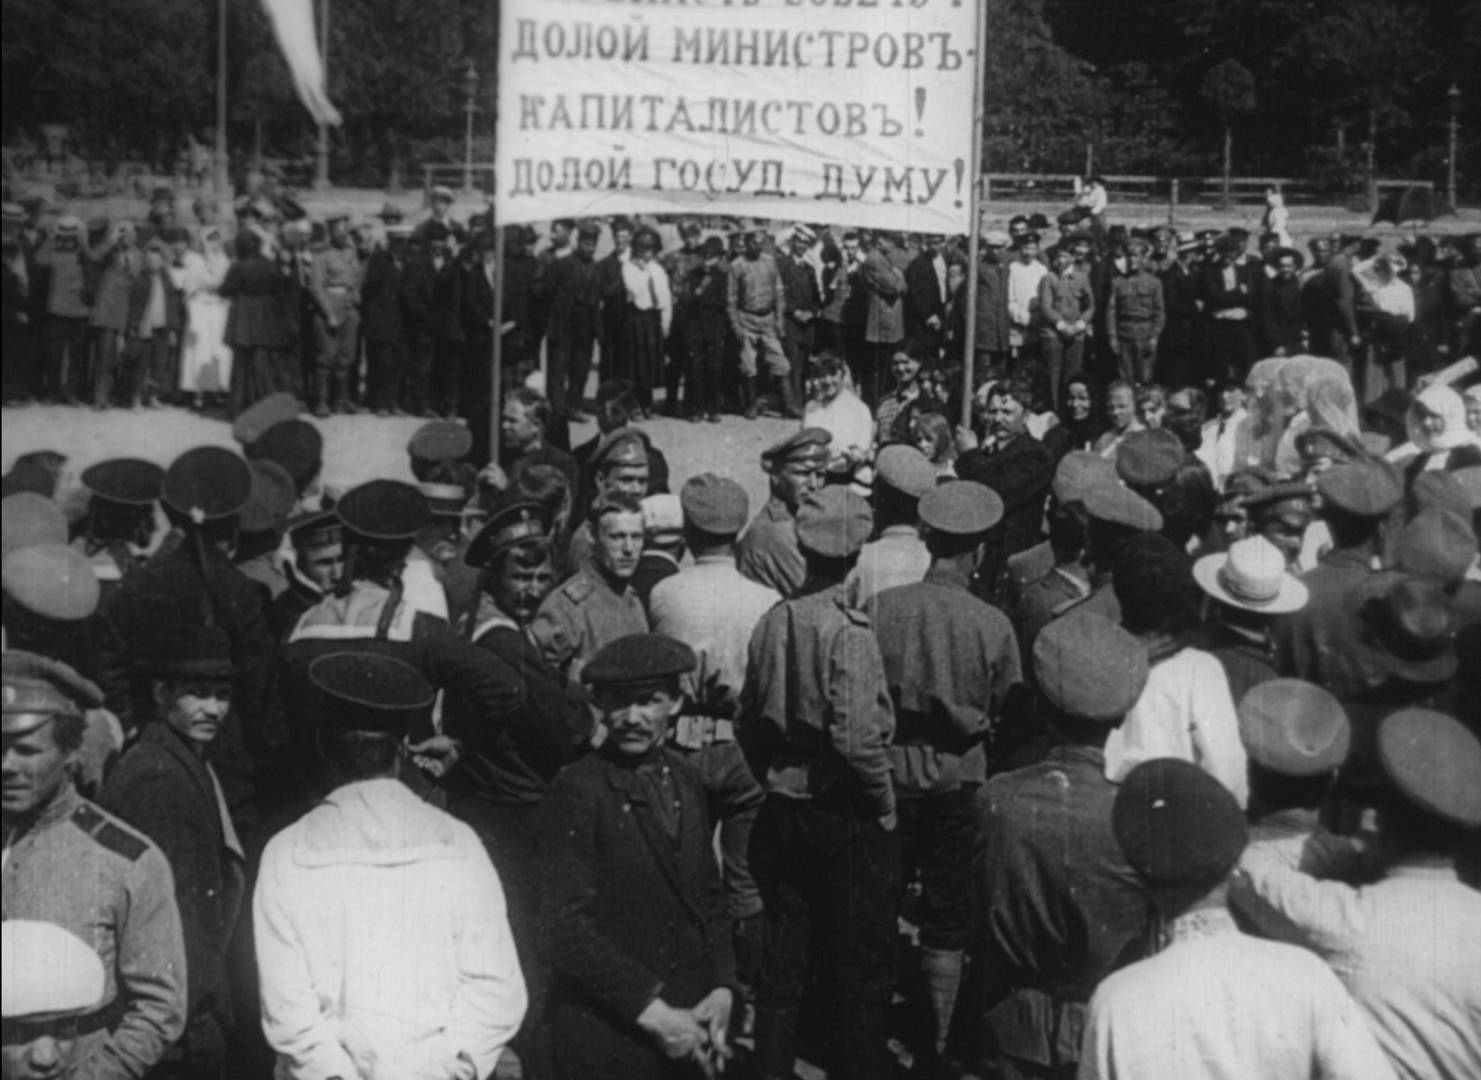 Демонстрация в июле 1917 года. Кадр из фильма «Годовщина революции»